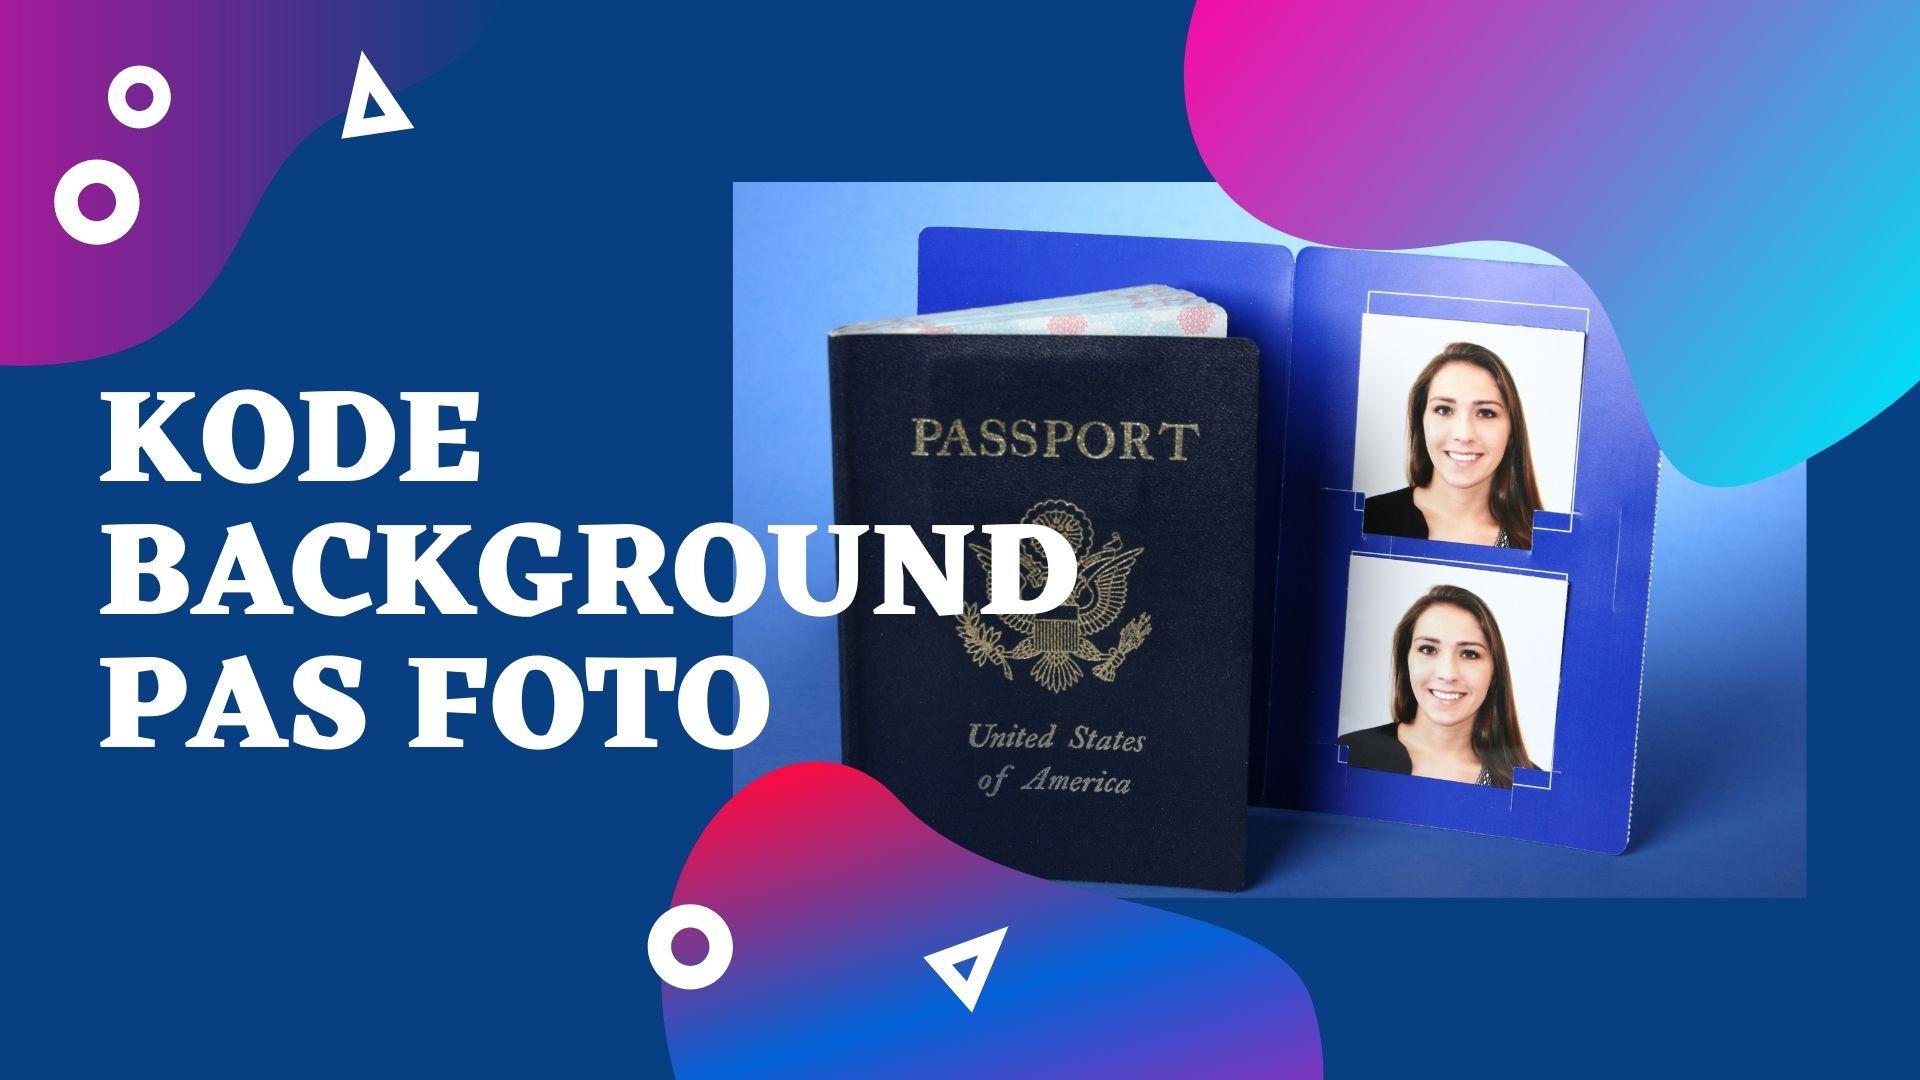 Kode Warna Background Pas Foto Biru Dan Merah